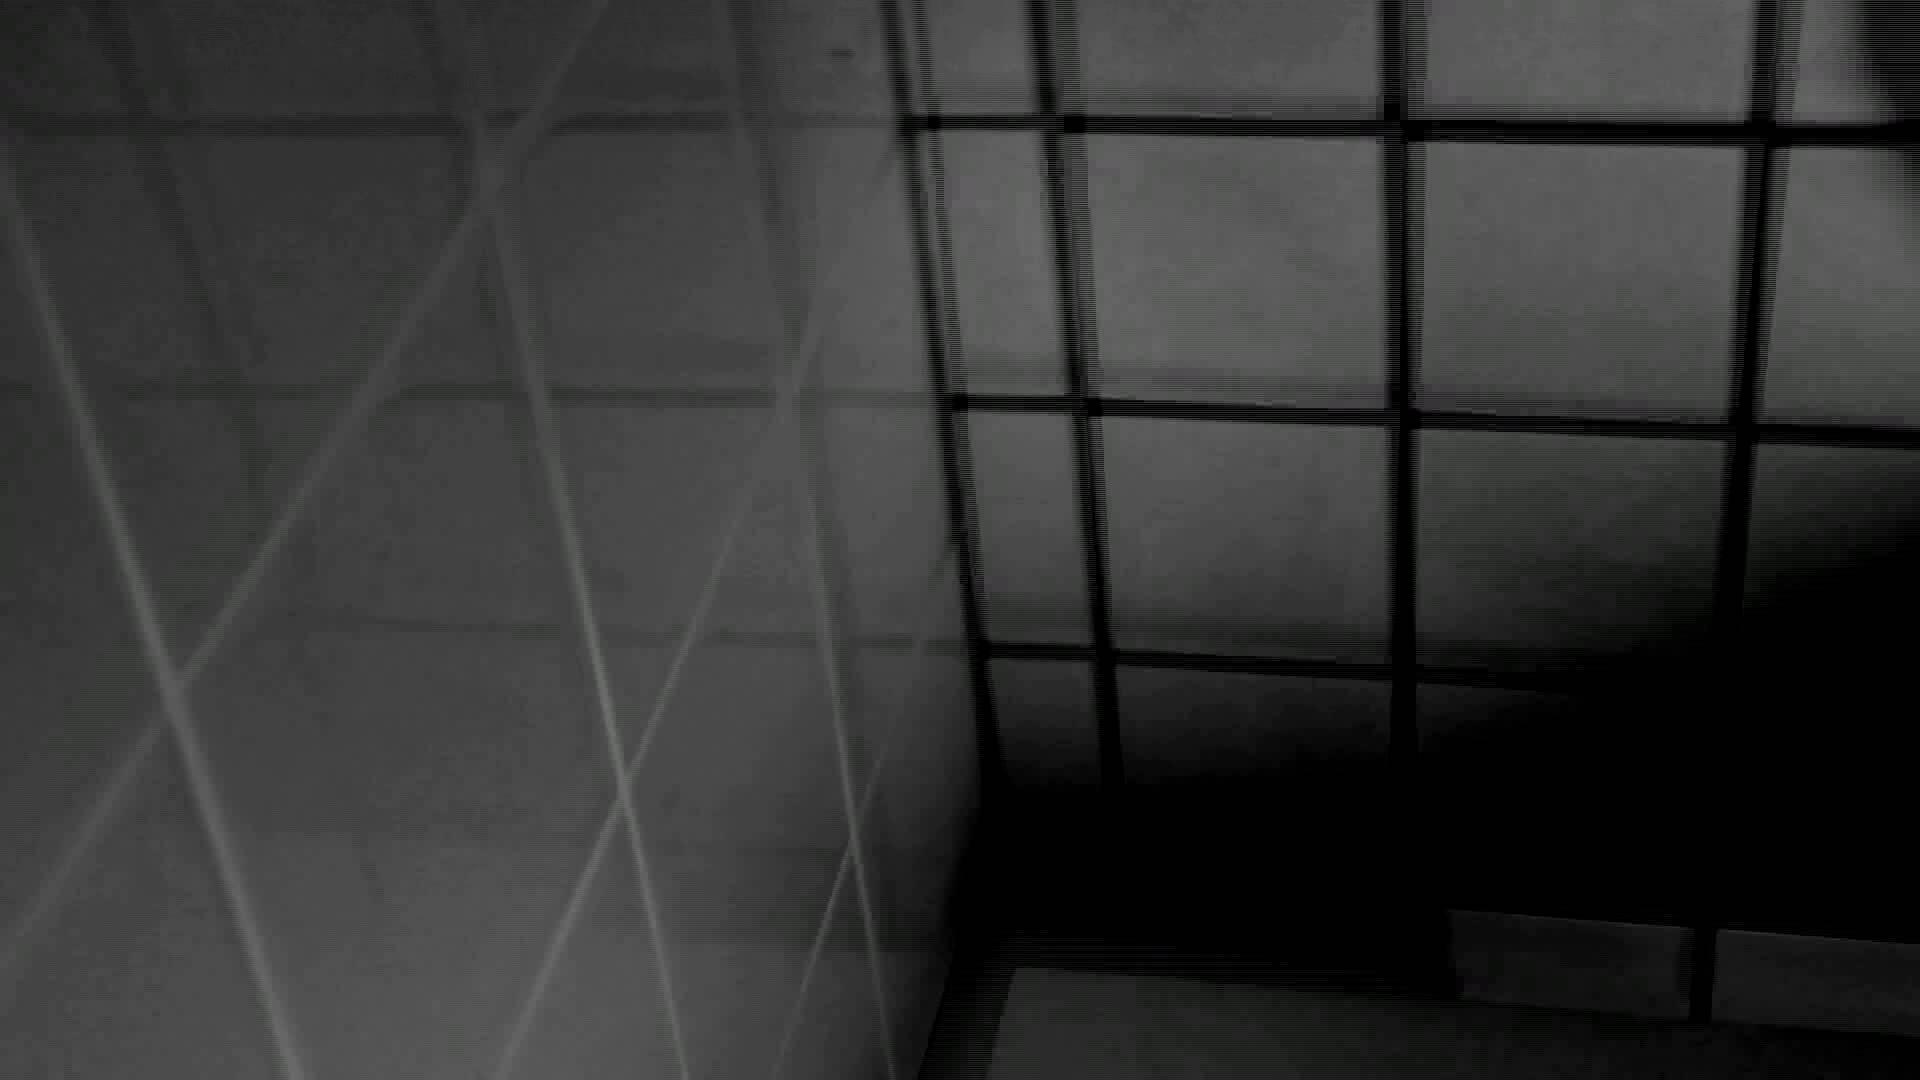 美しい日本の未来 特別版 軌跡2 盗撮エロすぎ   おまんこ無修正  76連発 49